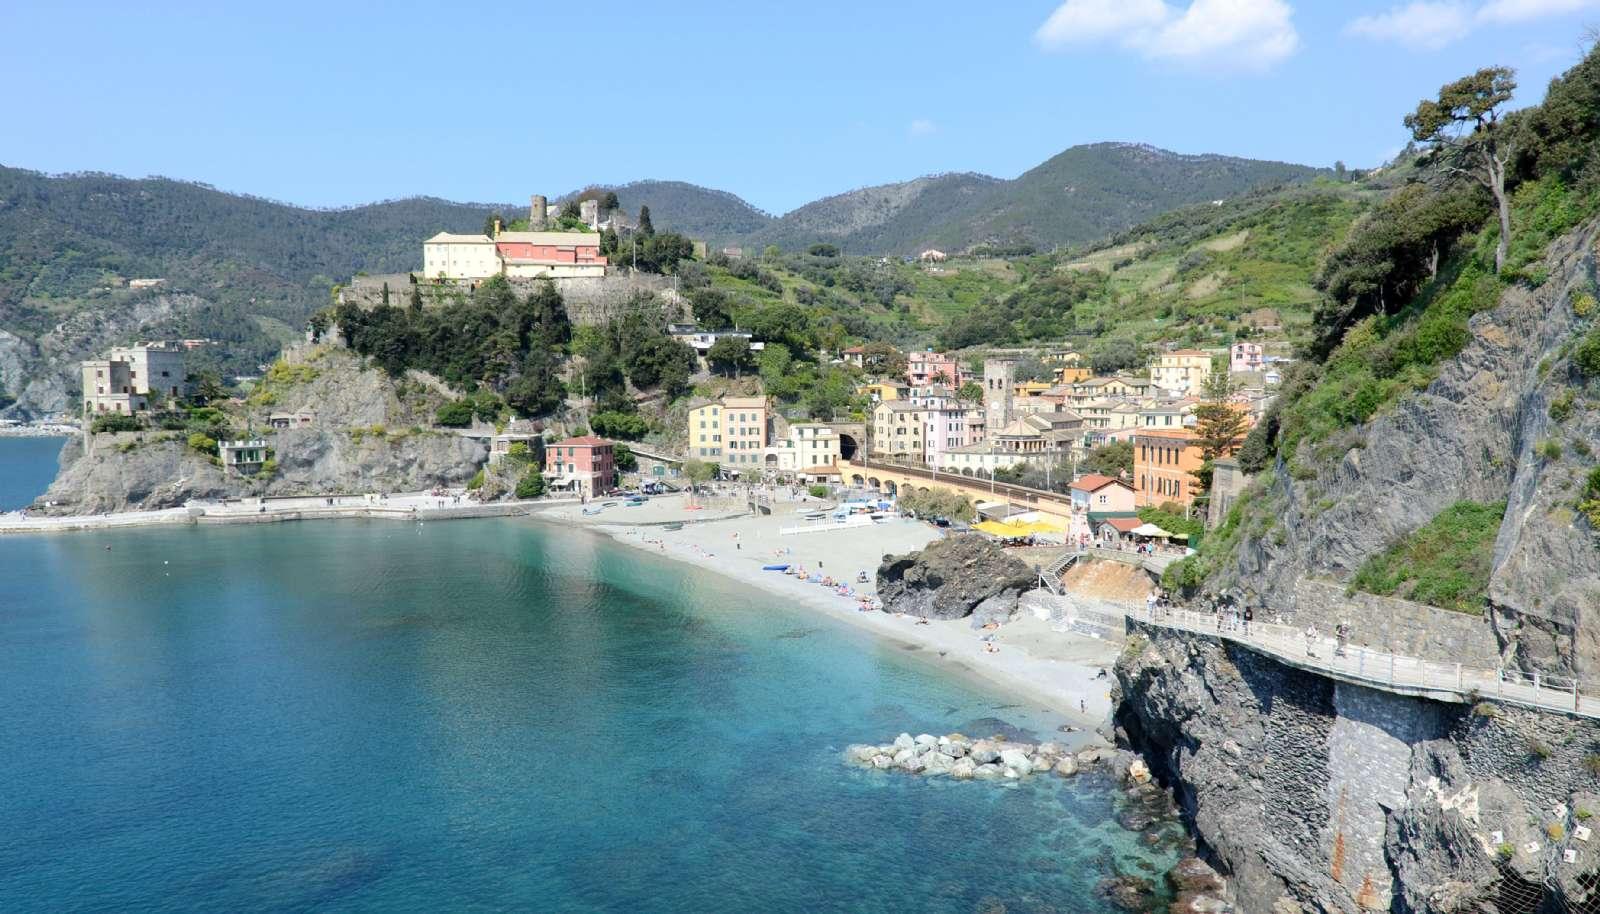 Monterosso i nationalparken Cinque Terre